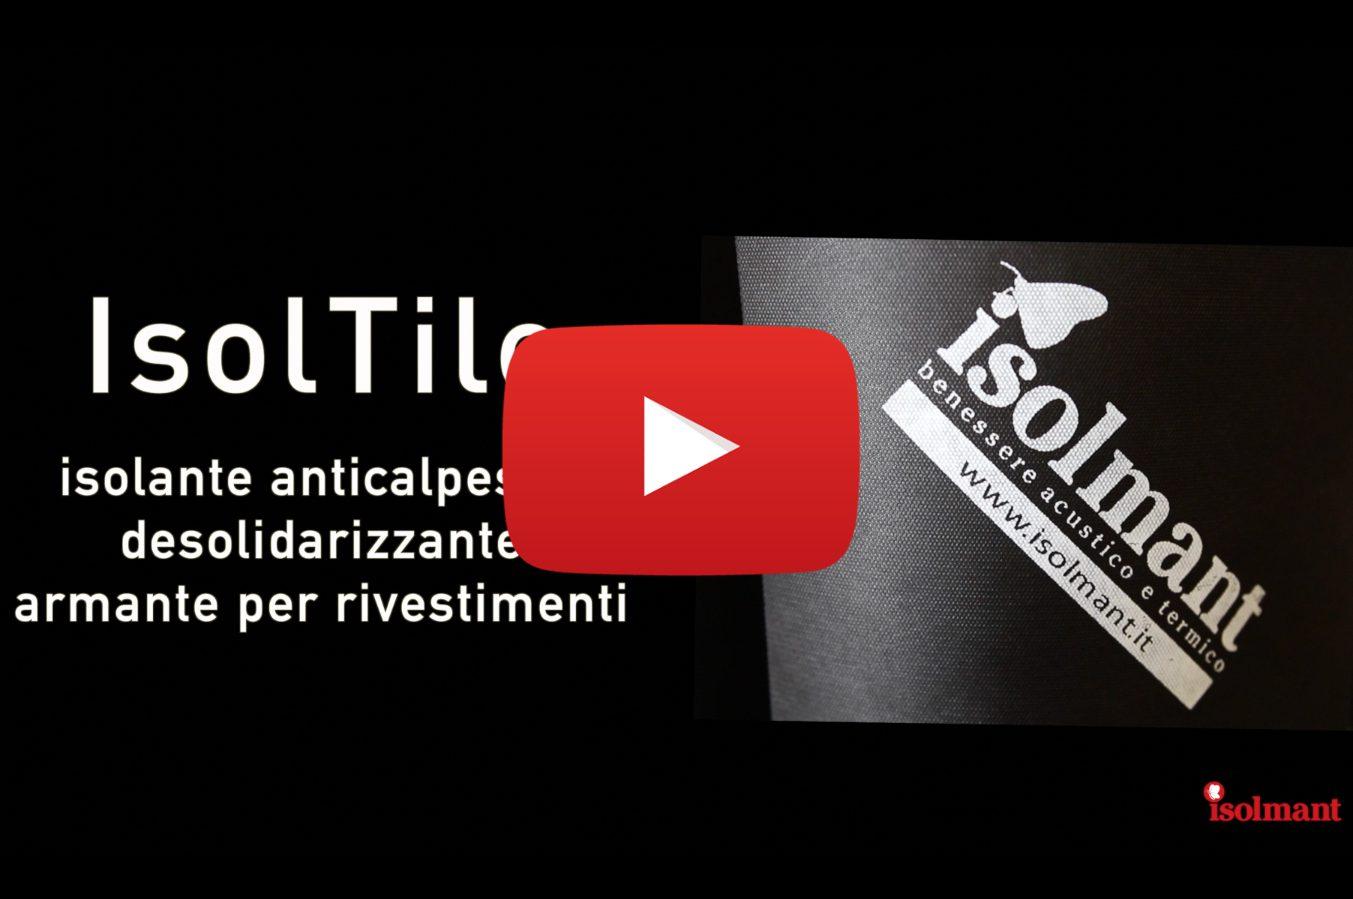 IsolTile-Resistenza-impermeabilità-Tecnasfalti- video-spot-dimostrativo-pubblicità-azienda-negozio-studio-professionale-professionista-artigiano